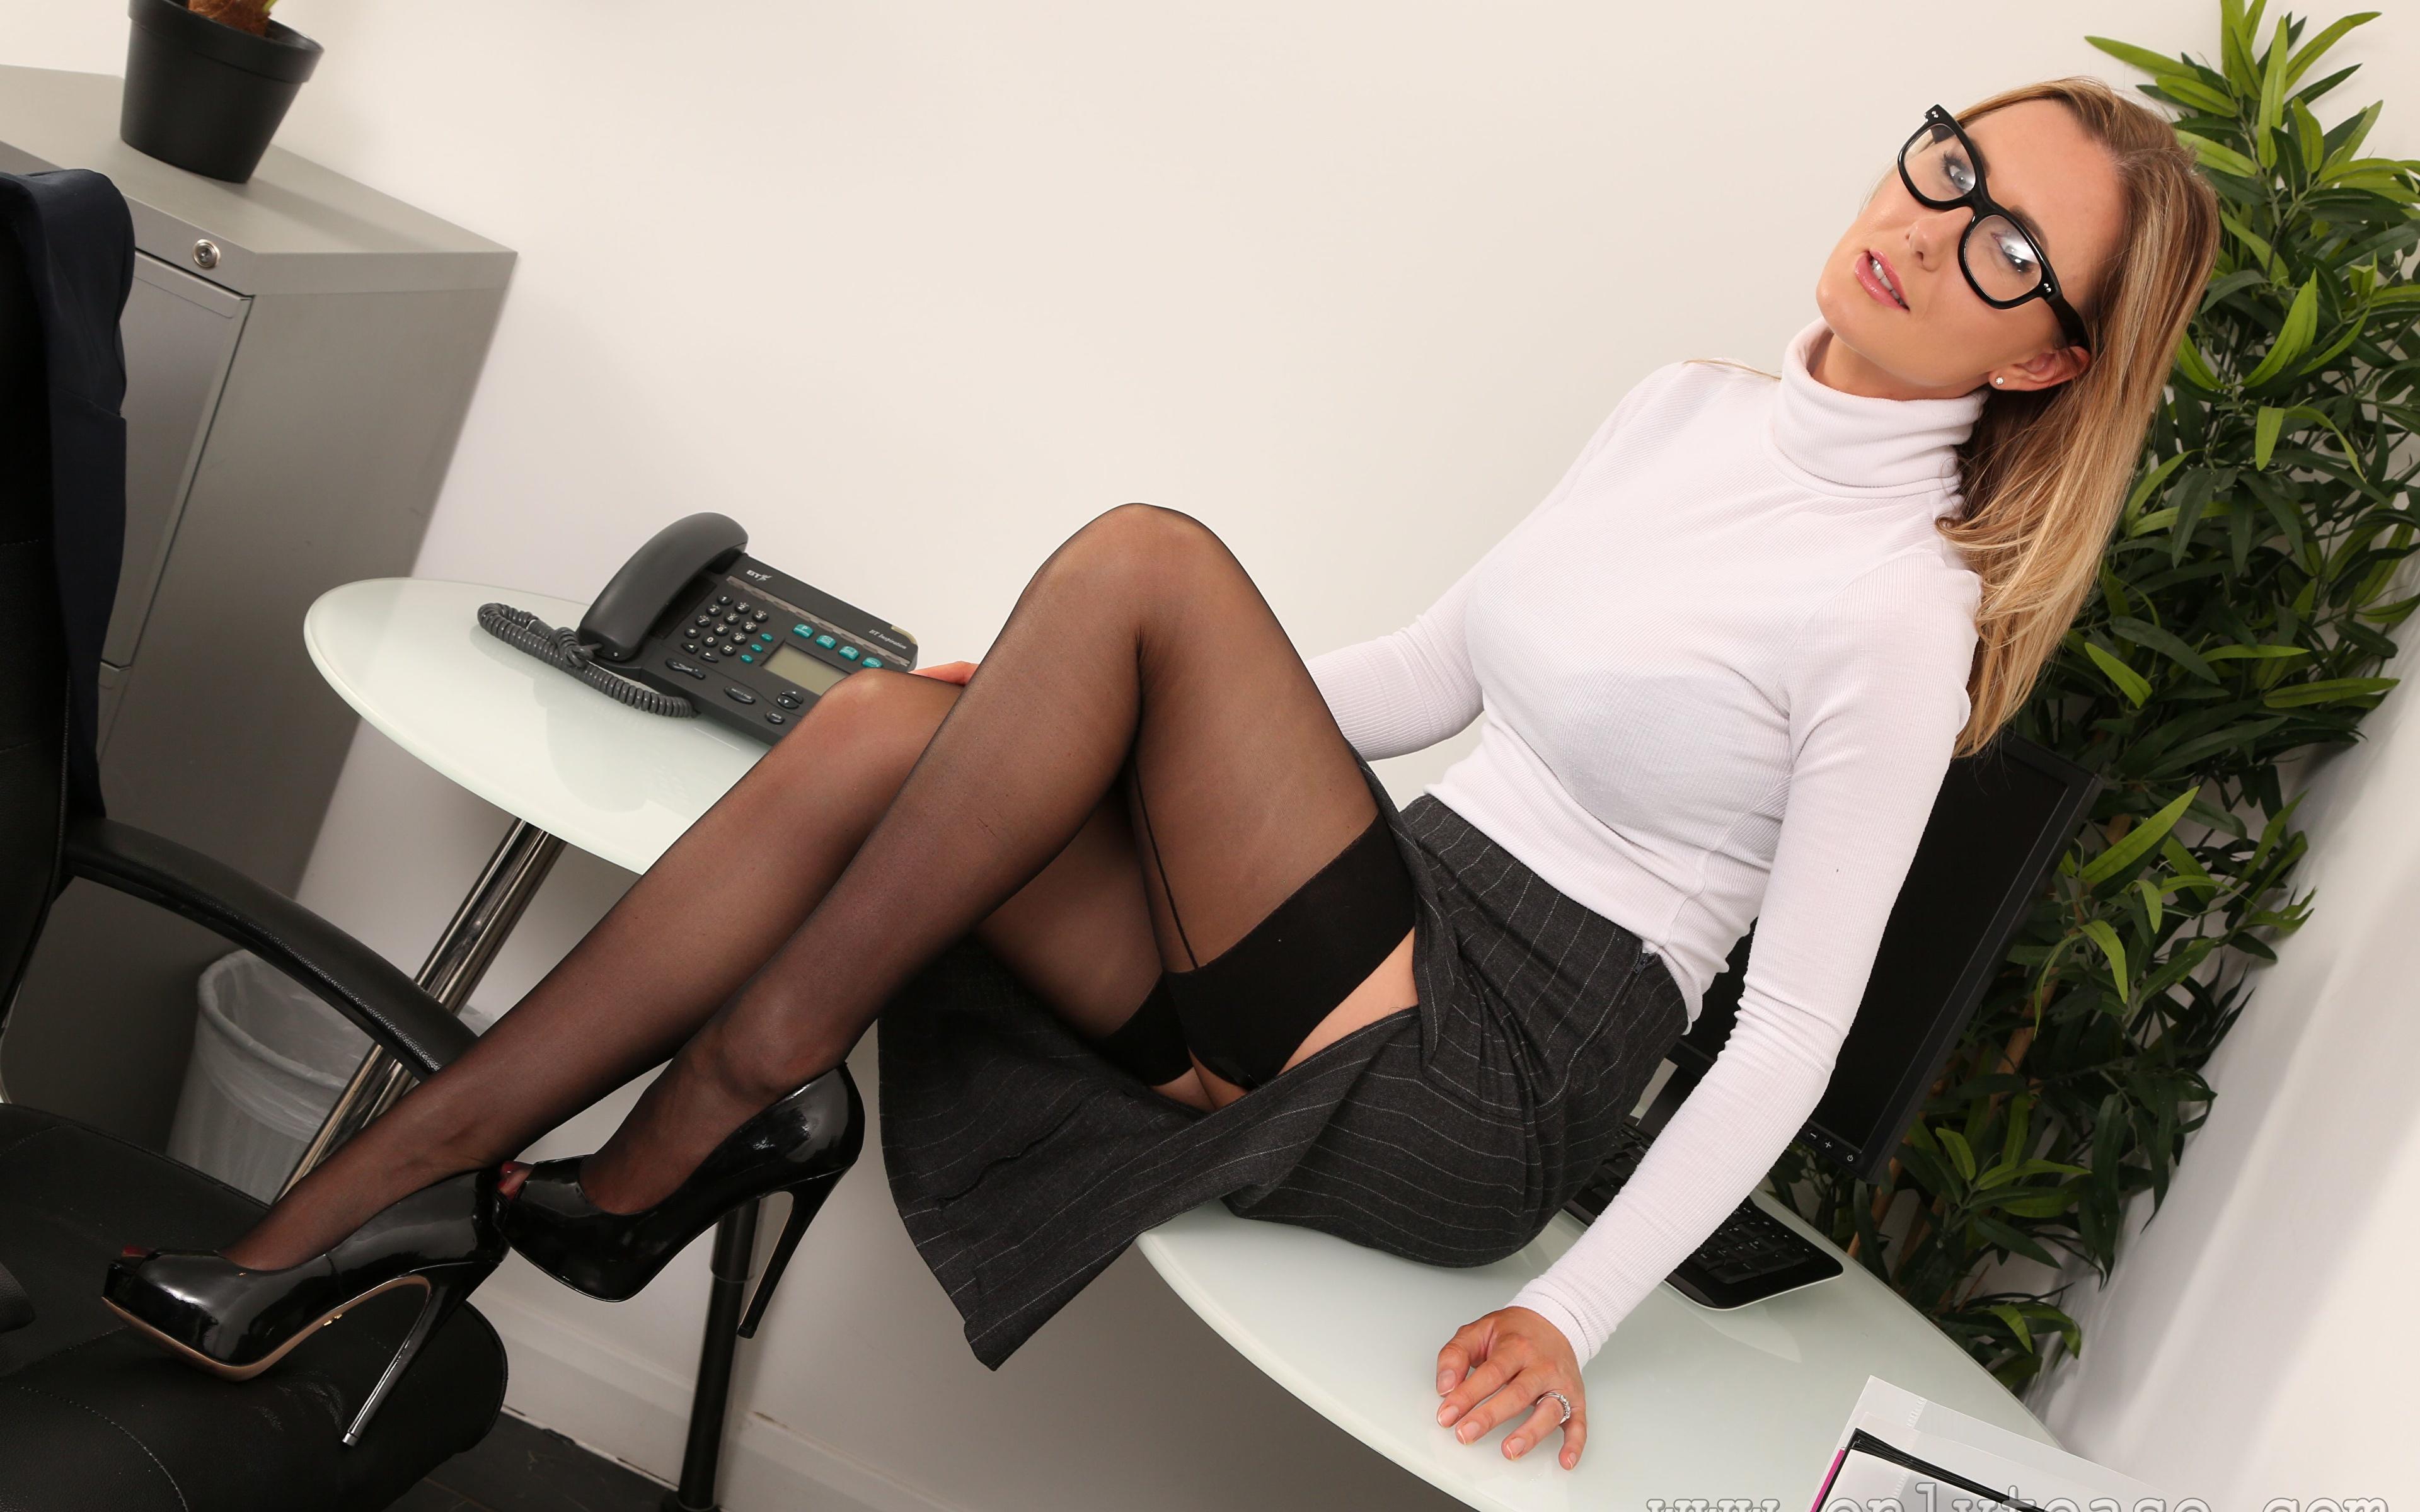 Секретарша с бюстом, Порно видео онлайн: СекретаршаБольшие сиськи 11 фотография